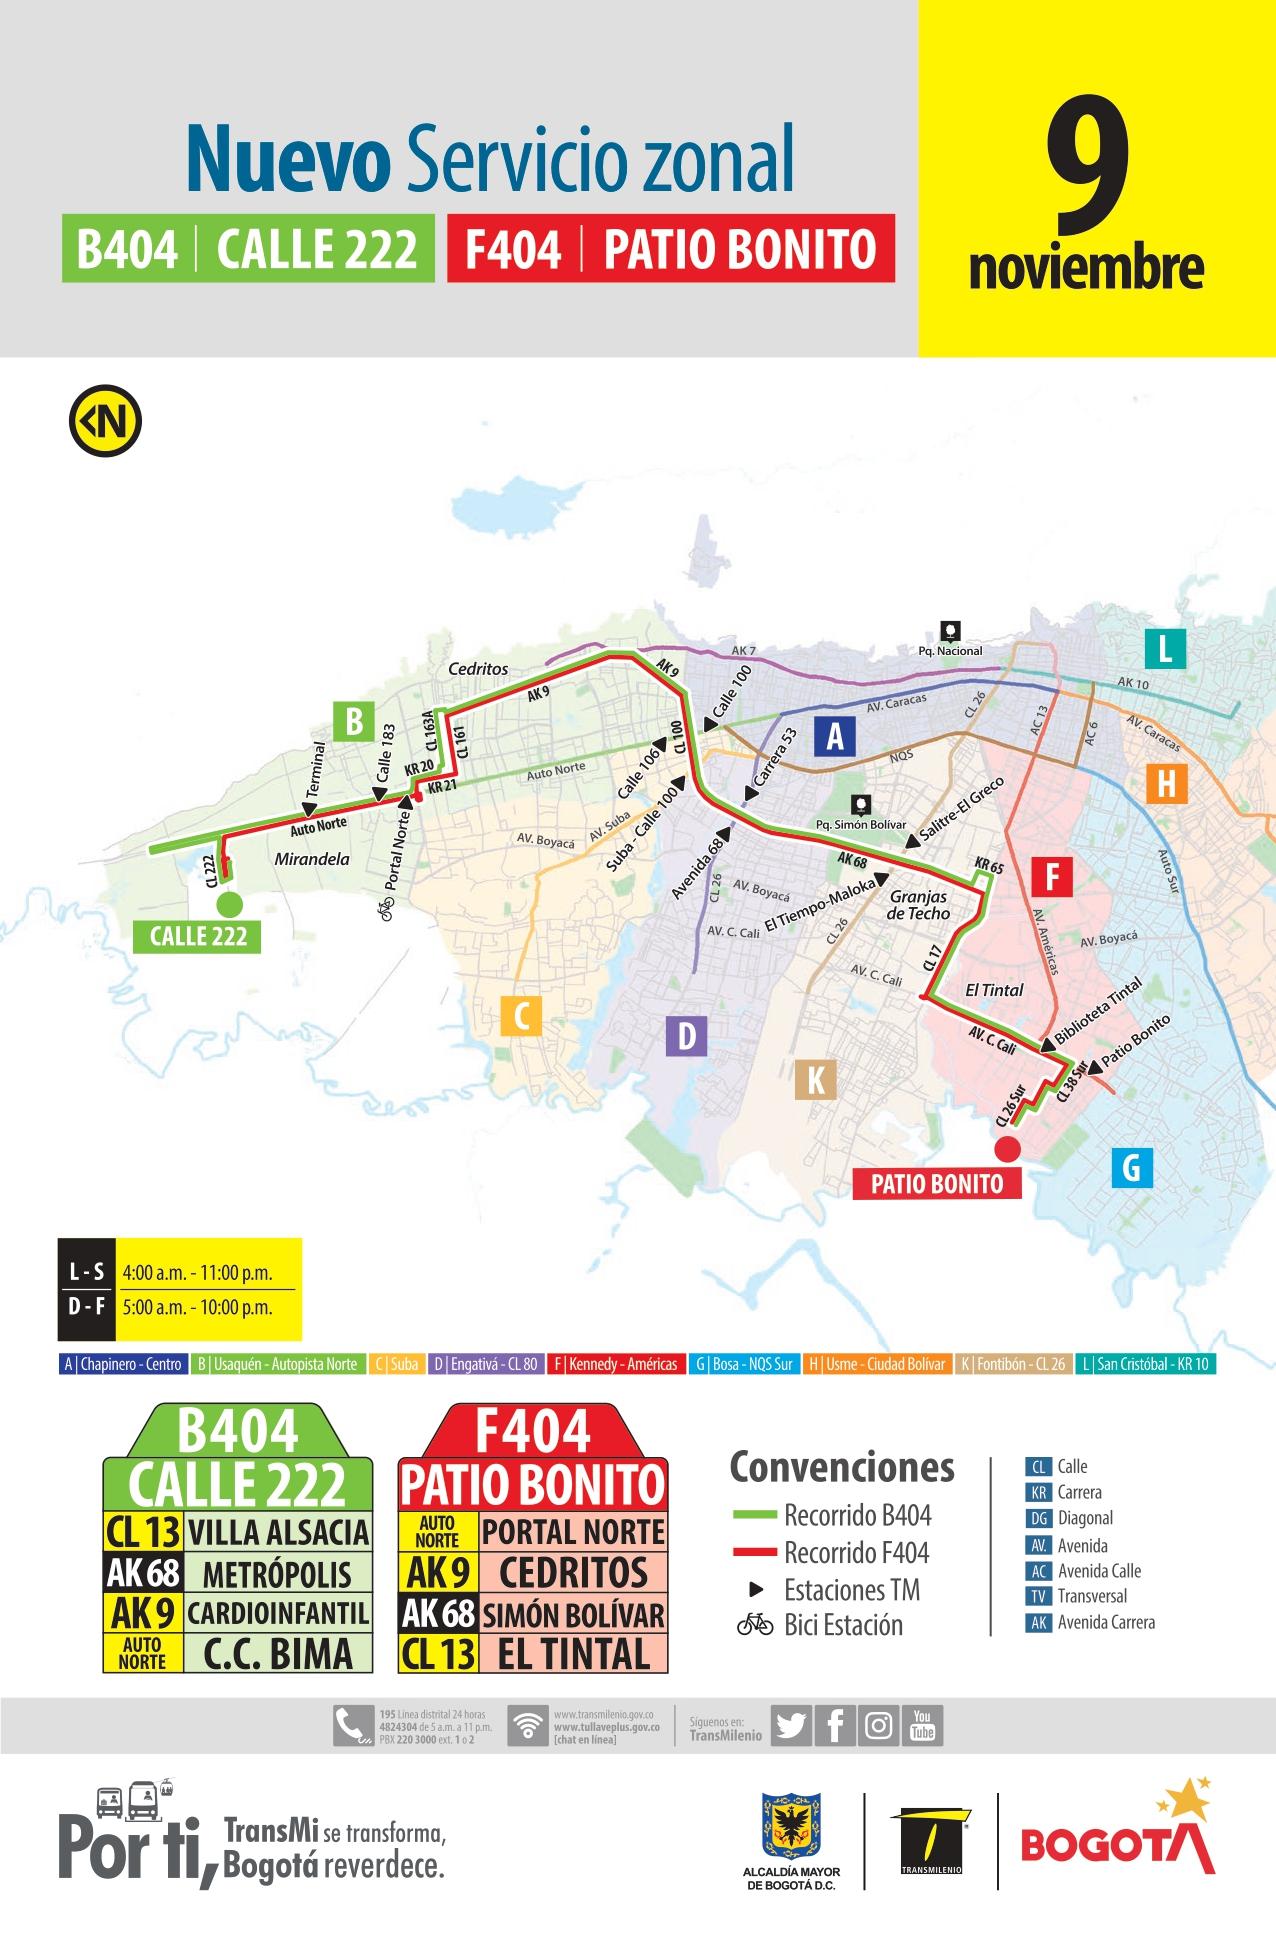 B404 Calle 222 / F404 Patio Bonito